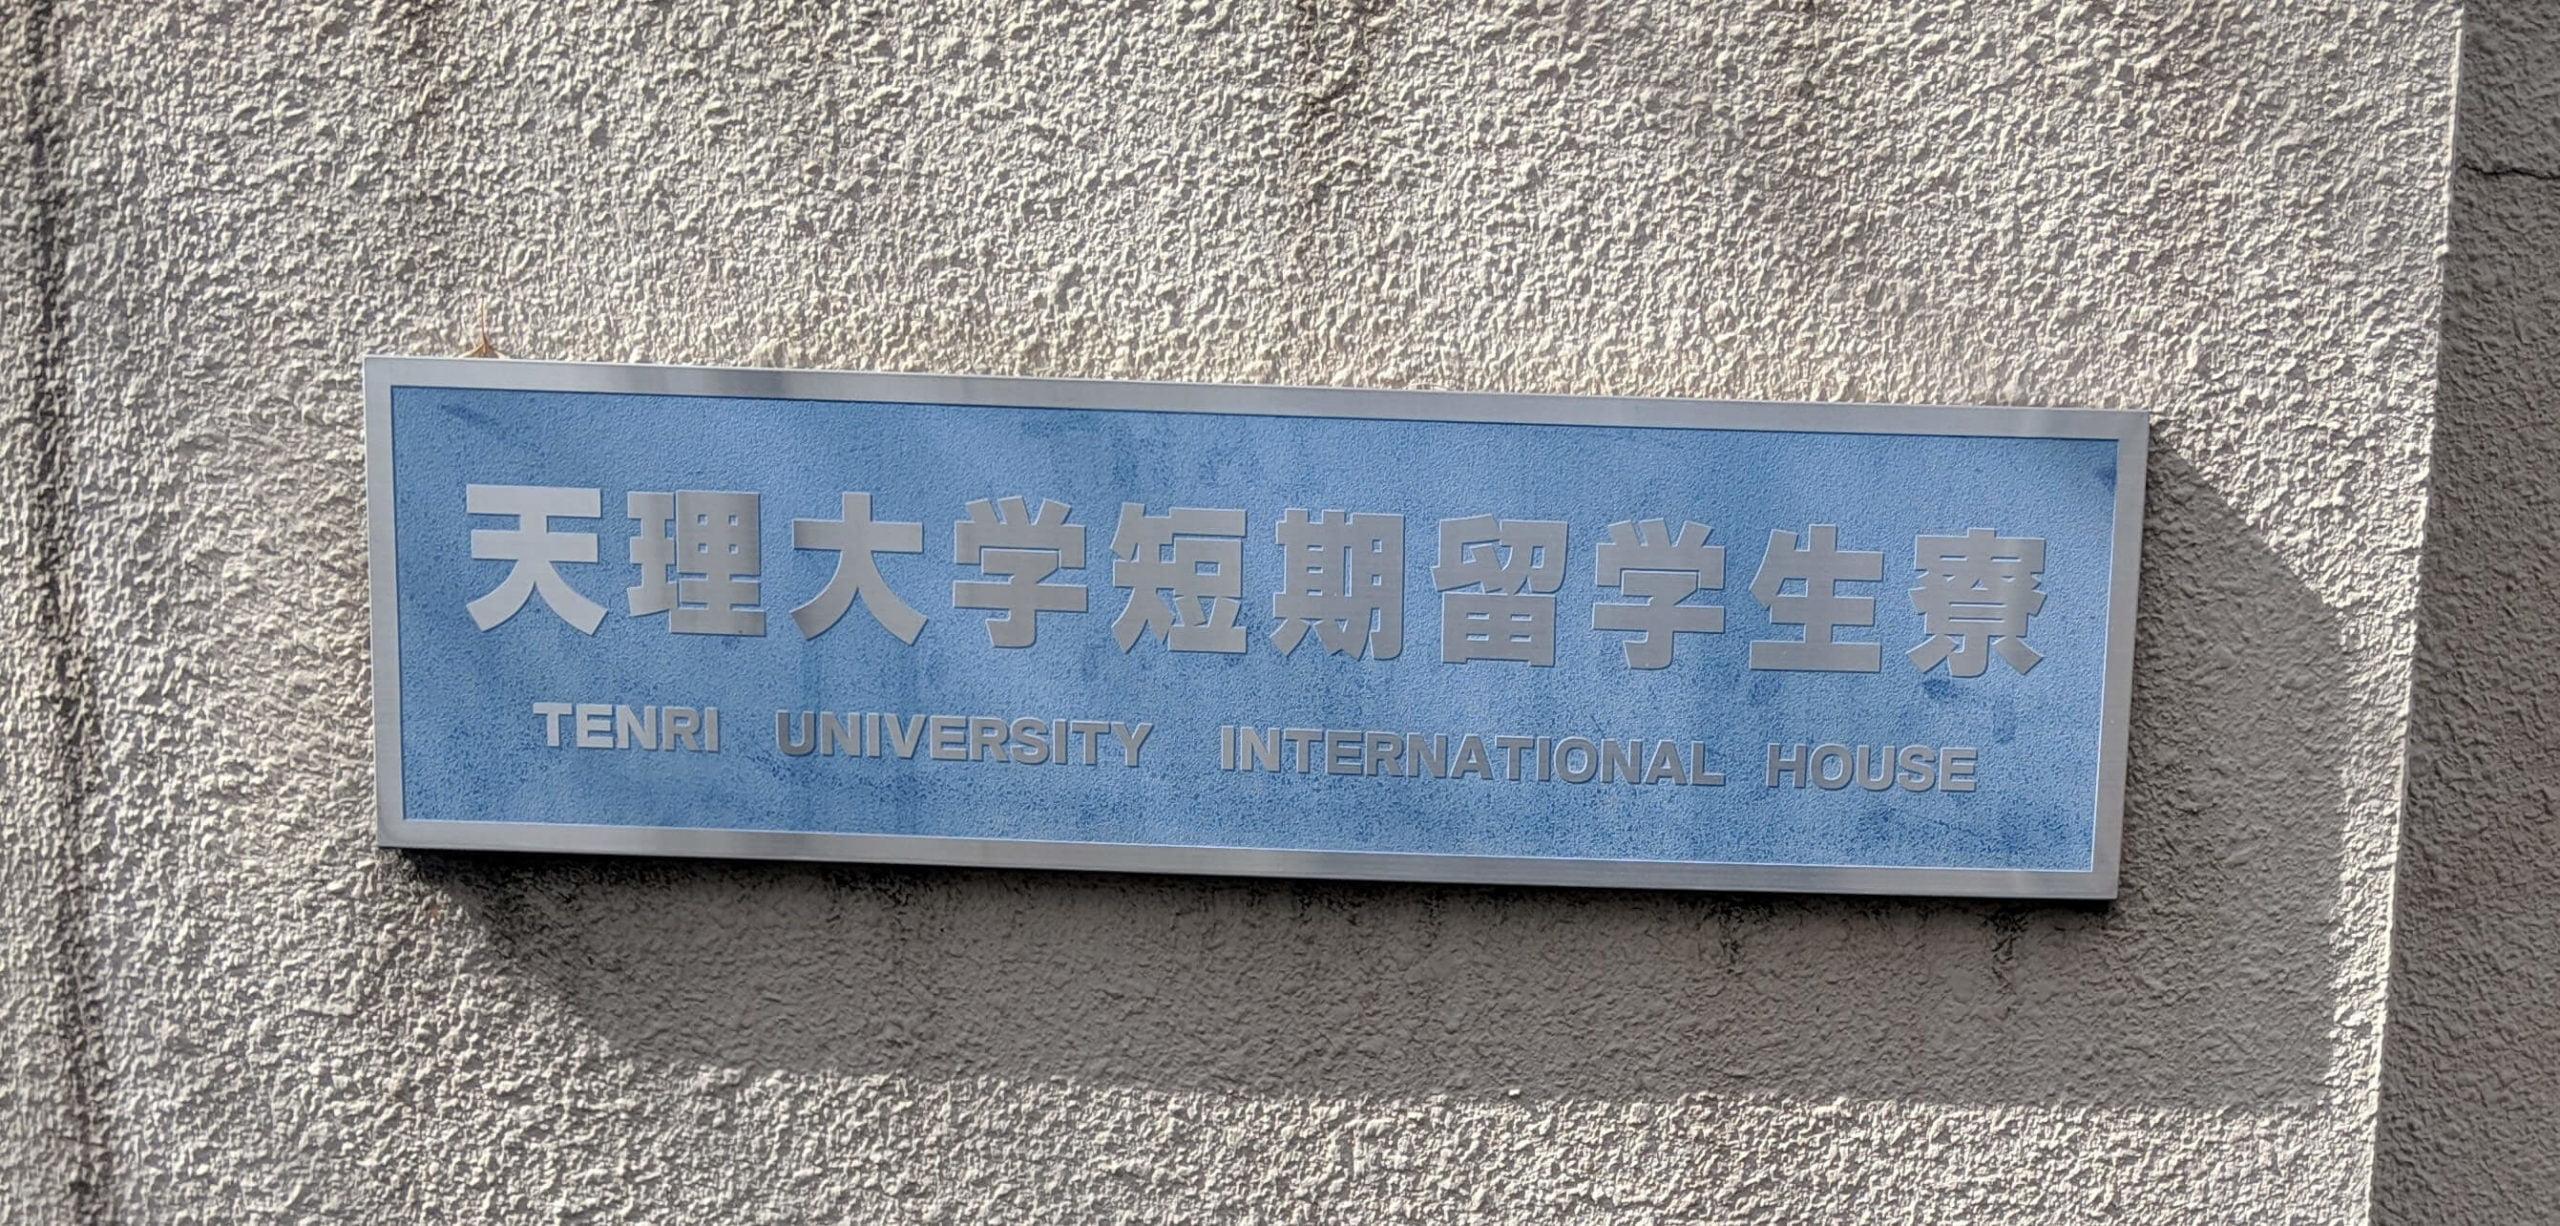 【天理大學】到達短期留學生宿舍